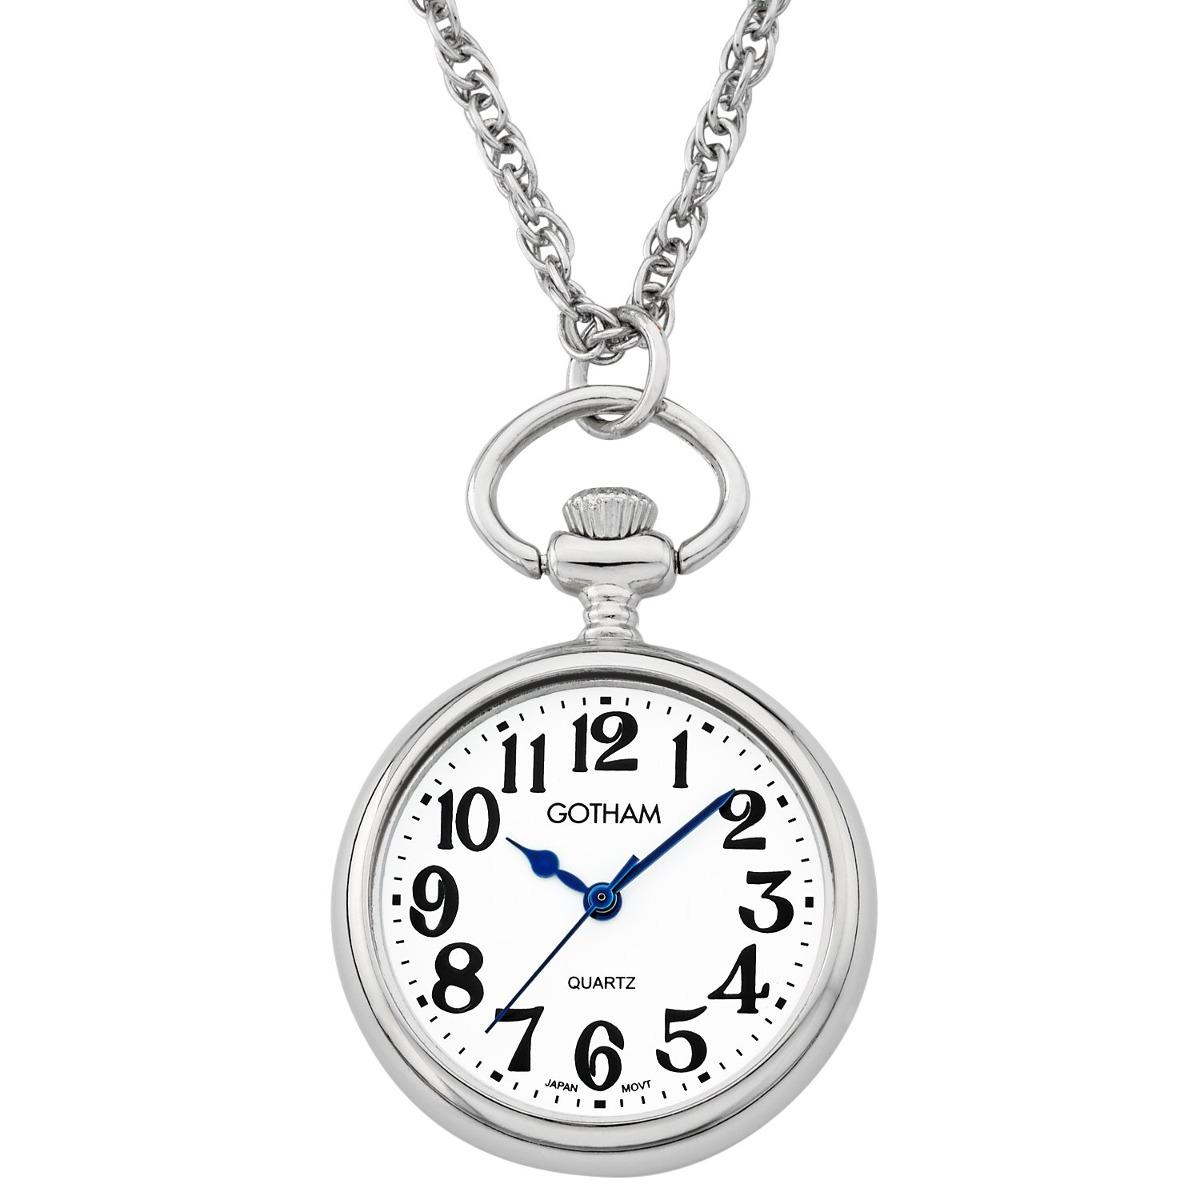 2f42b38a8044 reloj colgante de mujer de gotham con esfera abierta y ca. Cargando zoom.